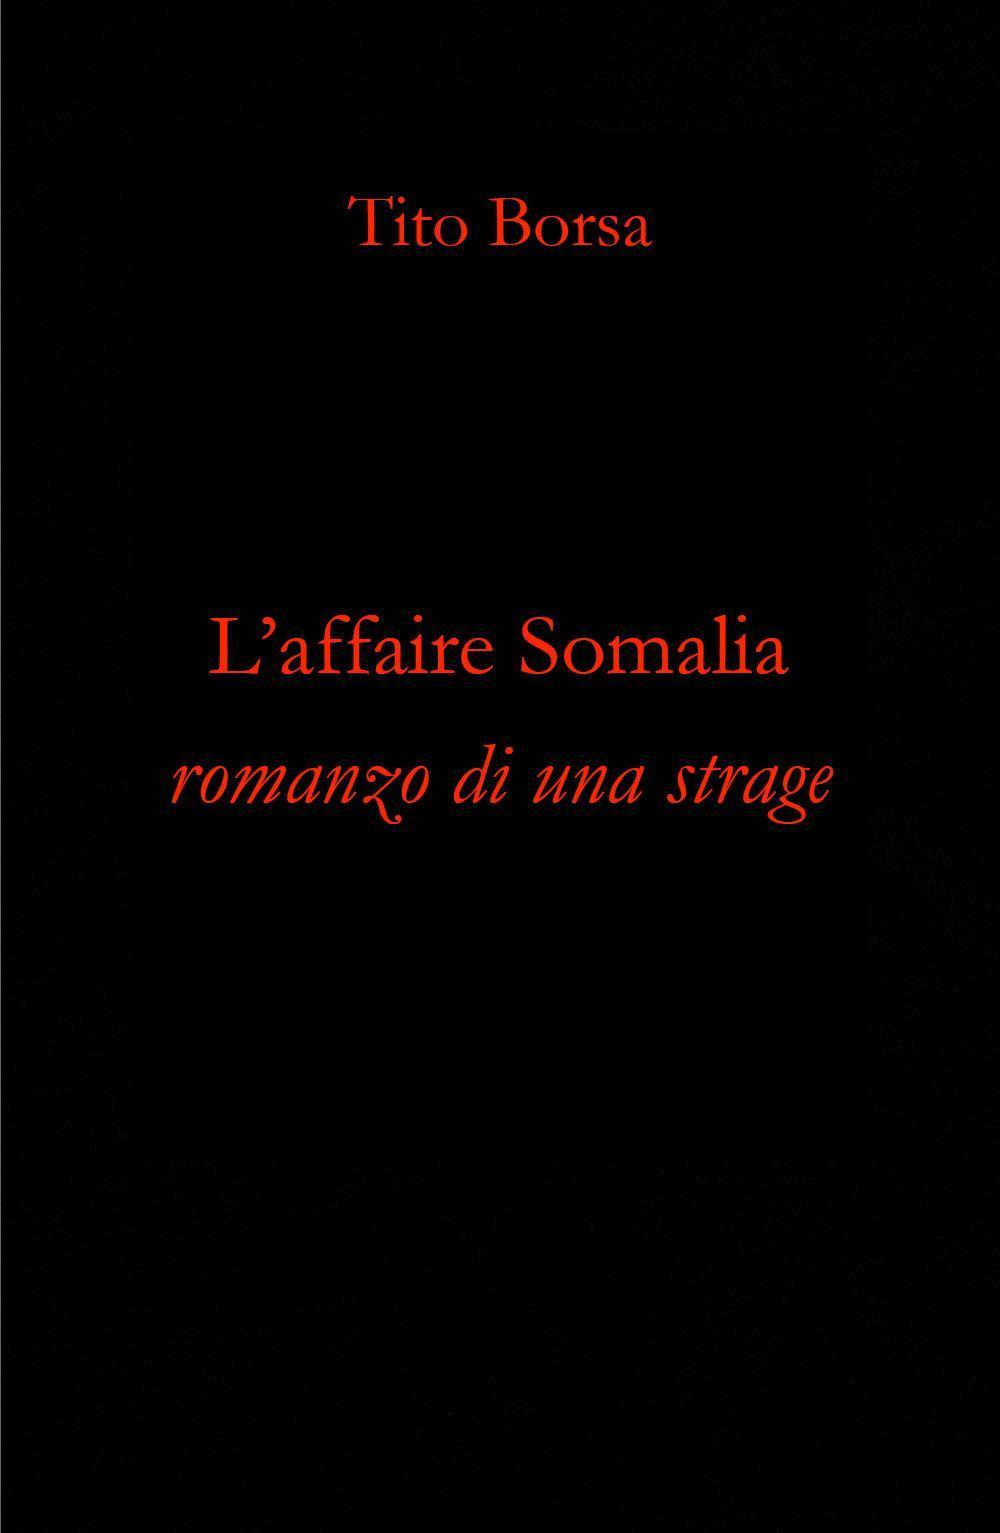 L'affaire Somalia - Romanzo di una strage